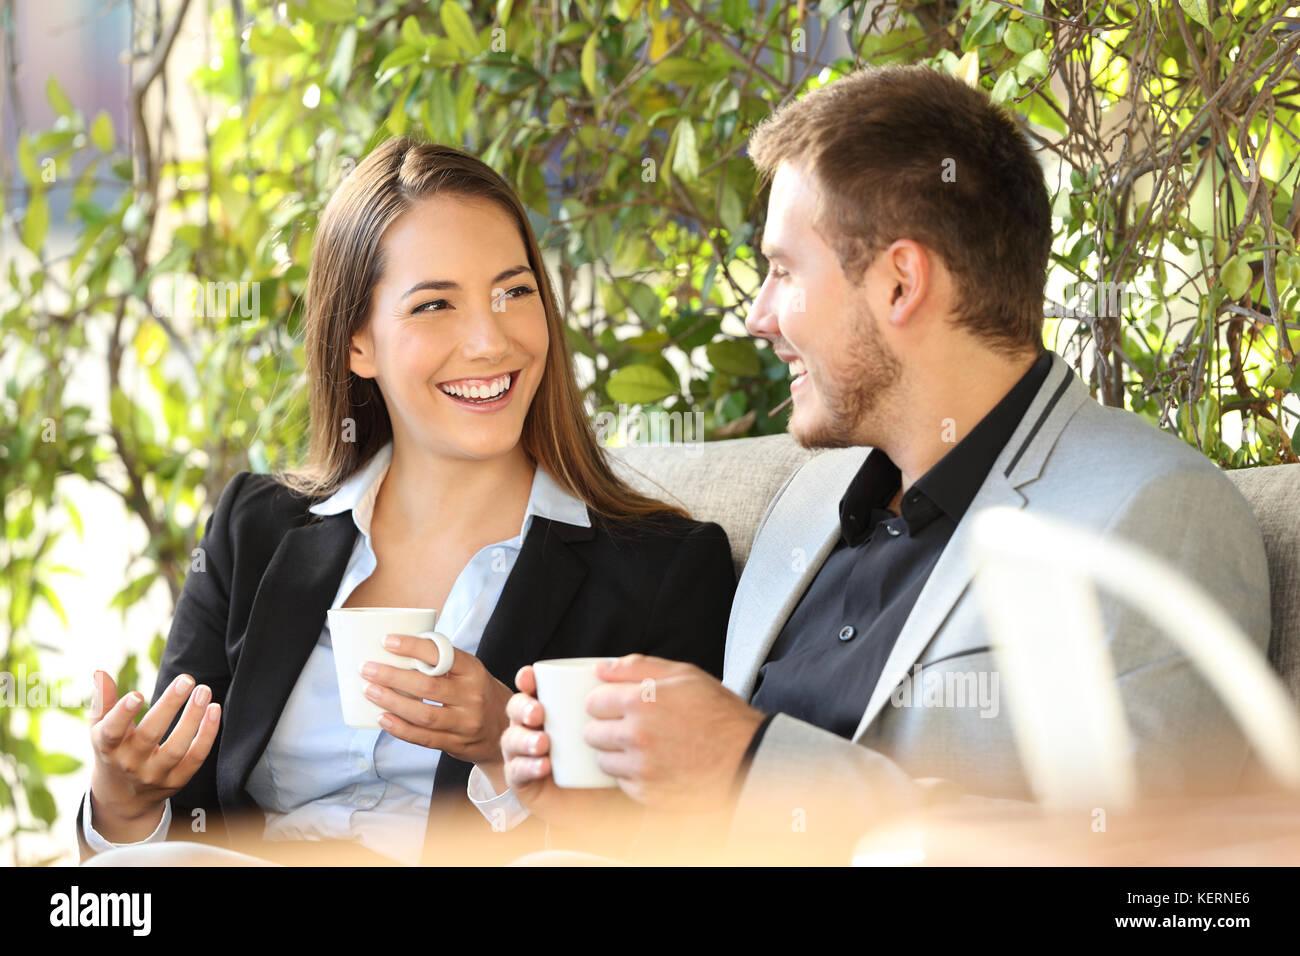 Due dirigenti felice di parlare in una pausa caffè seduti in un bar terrazza Immagini Stock